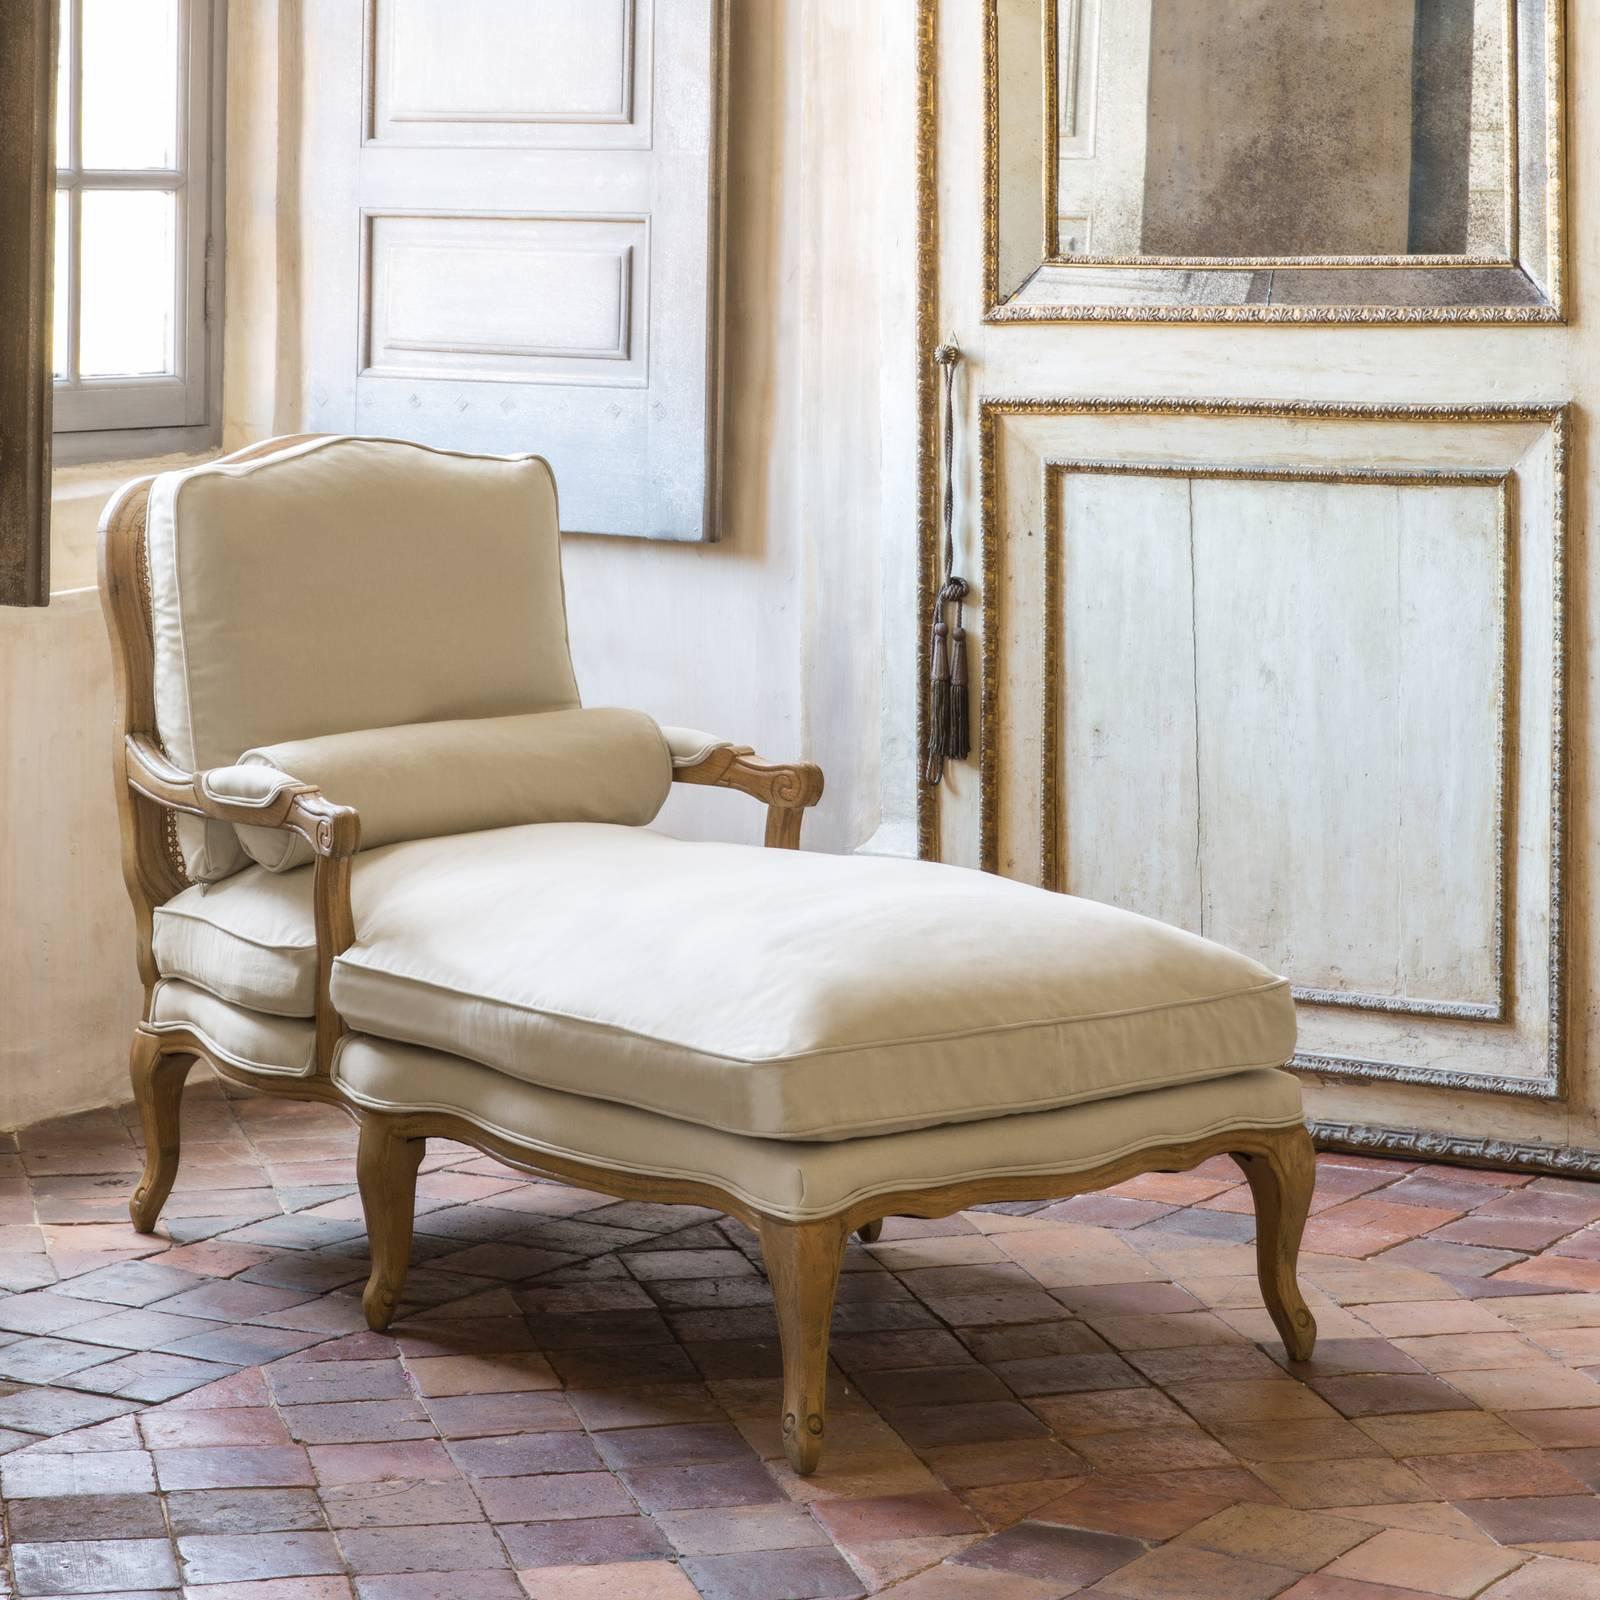 Maison Du Monde Opinioni poltrona: coloratissima, con richiami vintage o classica